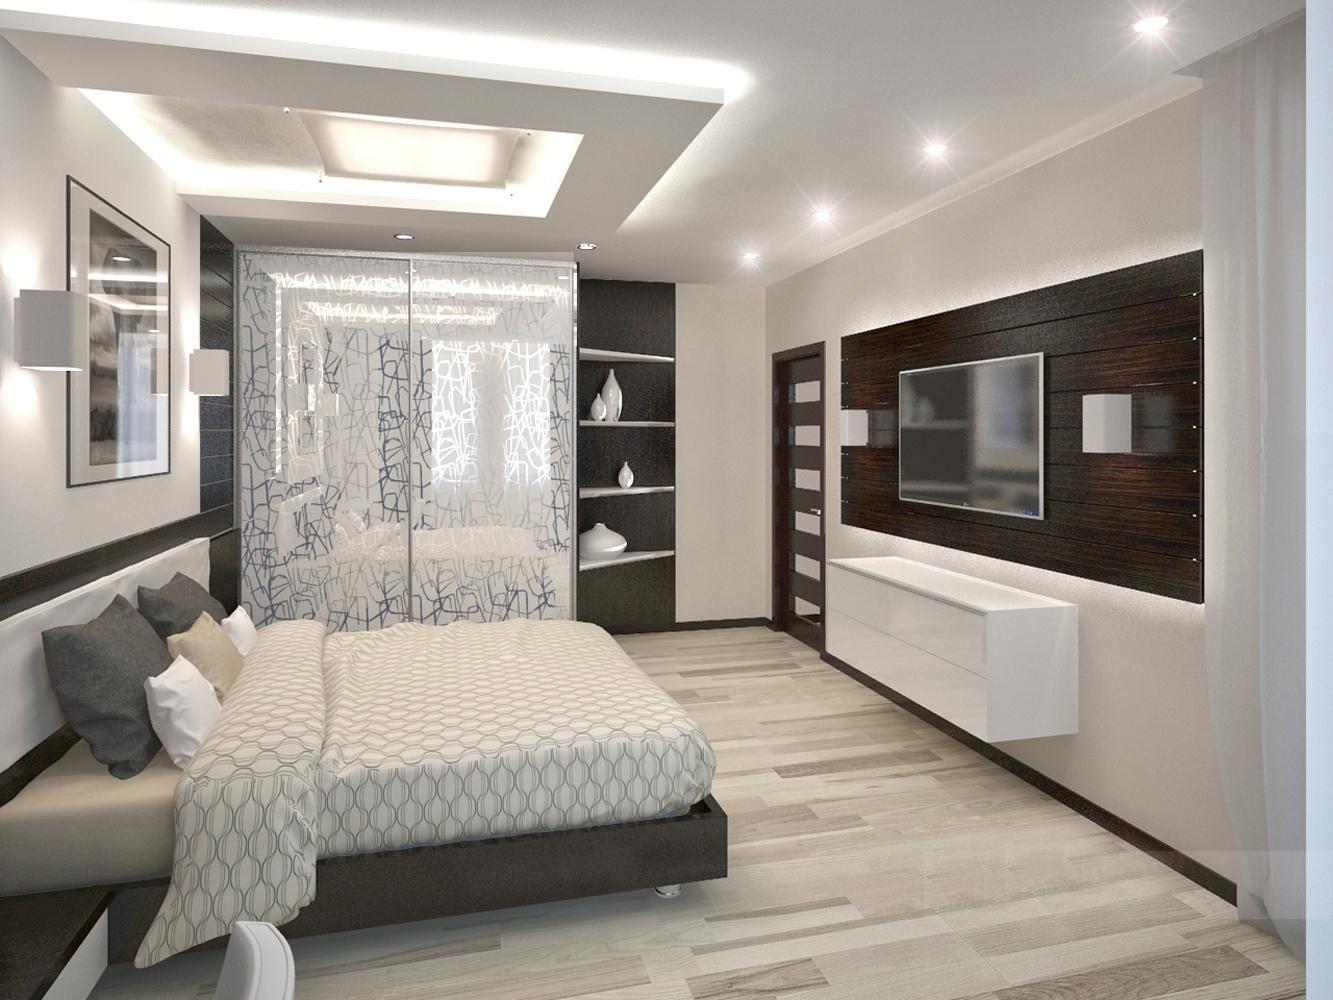 Серая кровать и белый комод в спальне в стиле хай-тек